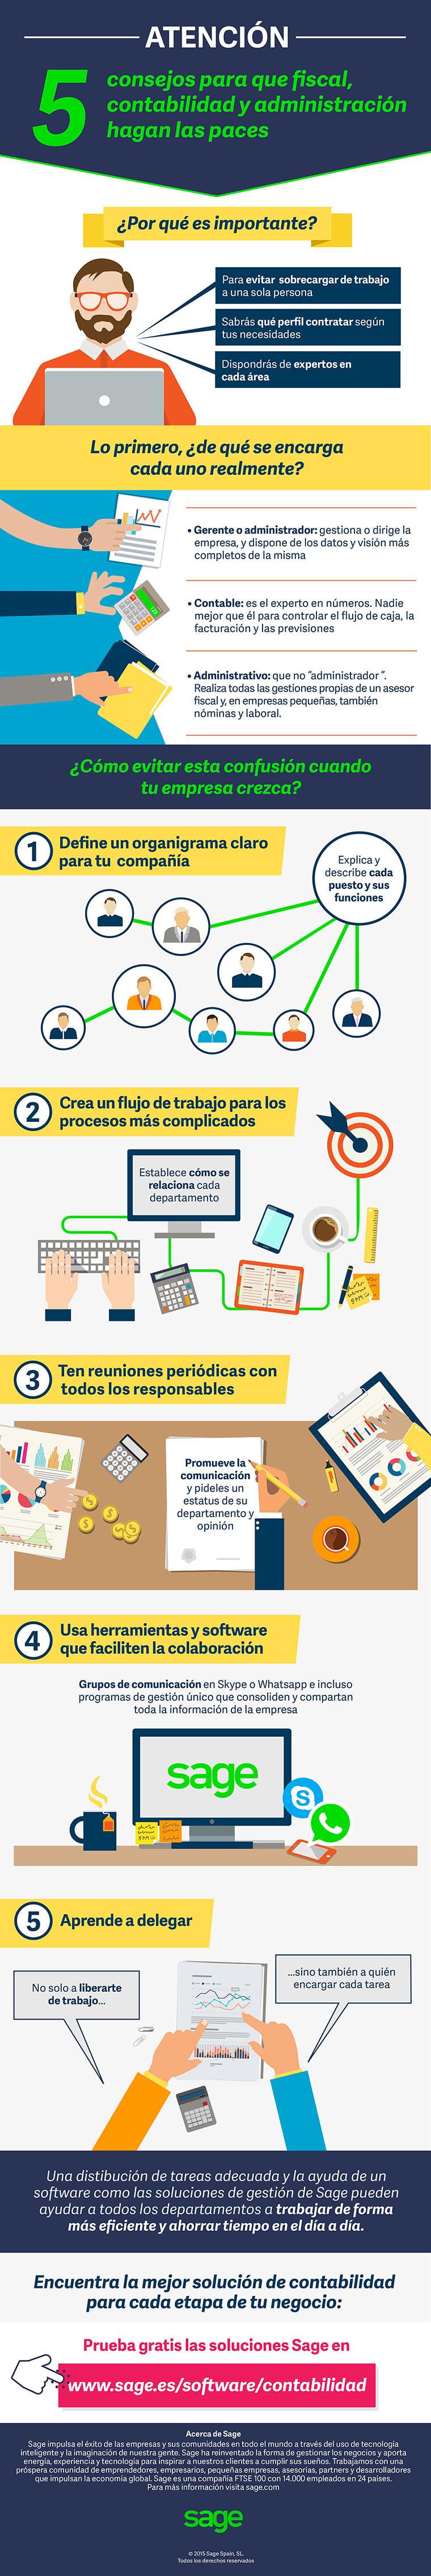 consejos-para-que-administracion-contabilidad-y-fiscalidad-hagan-las-paces-infografia